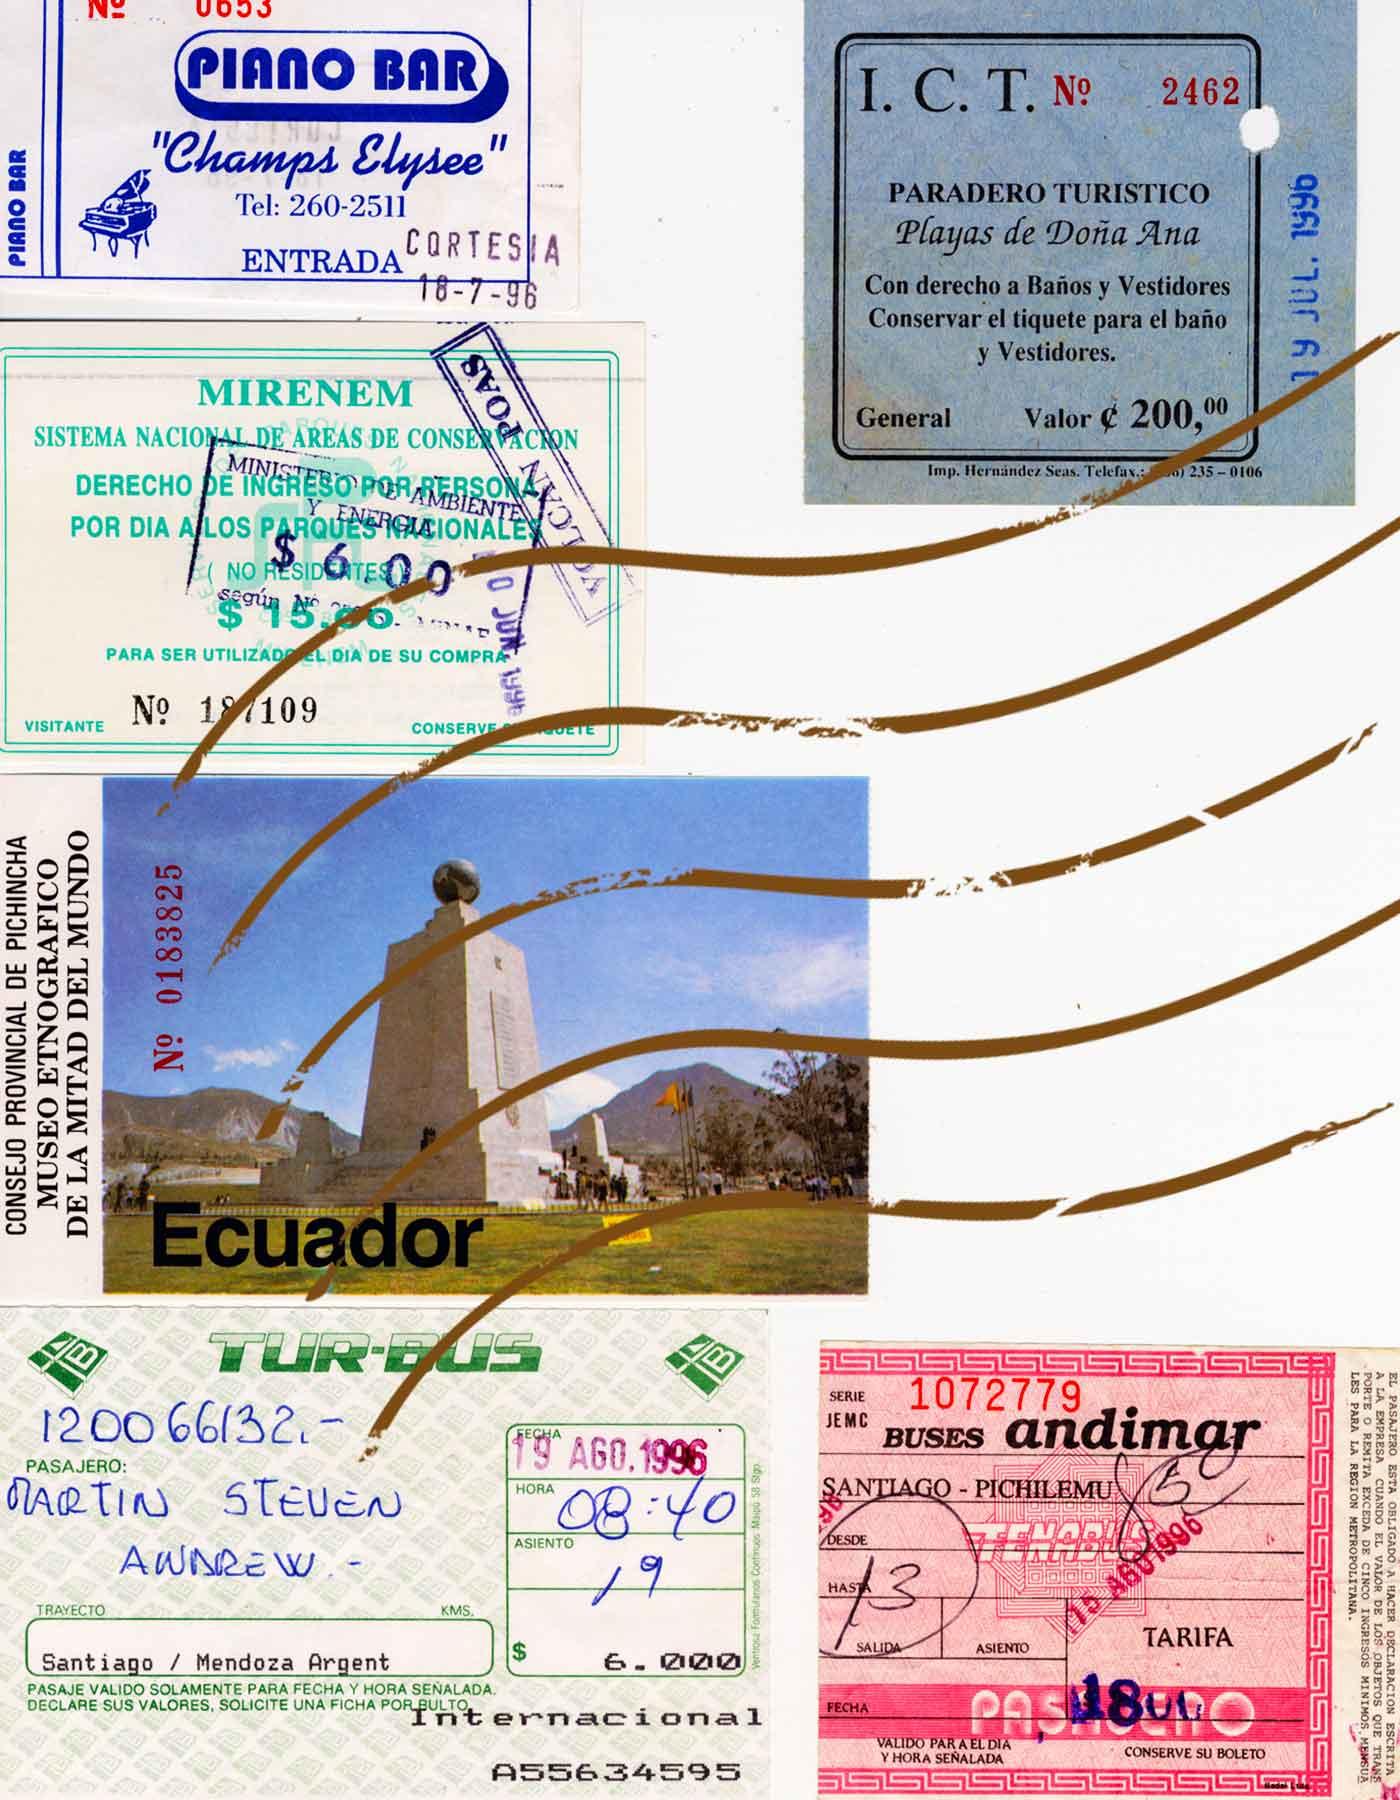 Steven Andrew Martin   South America   Travel Journal   Dr Steven Martin